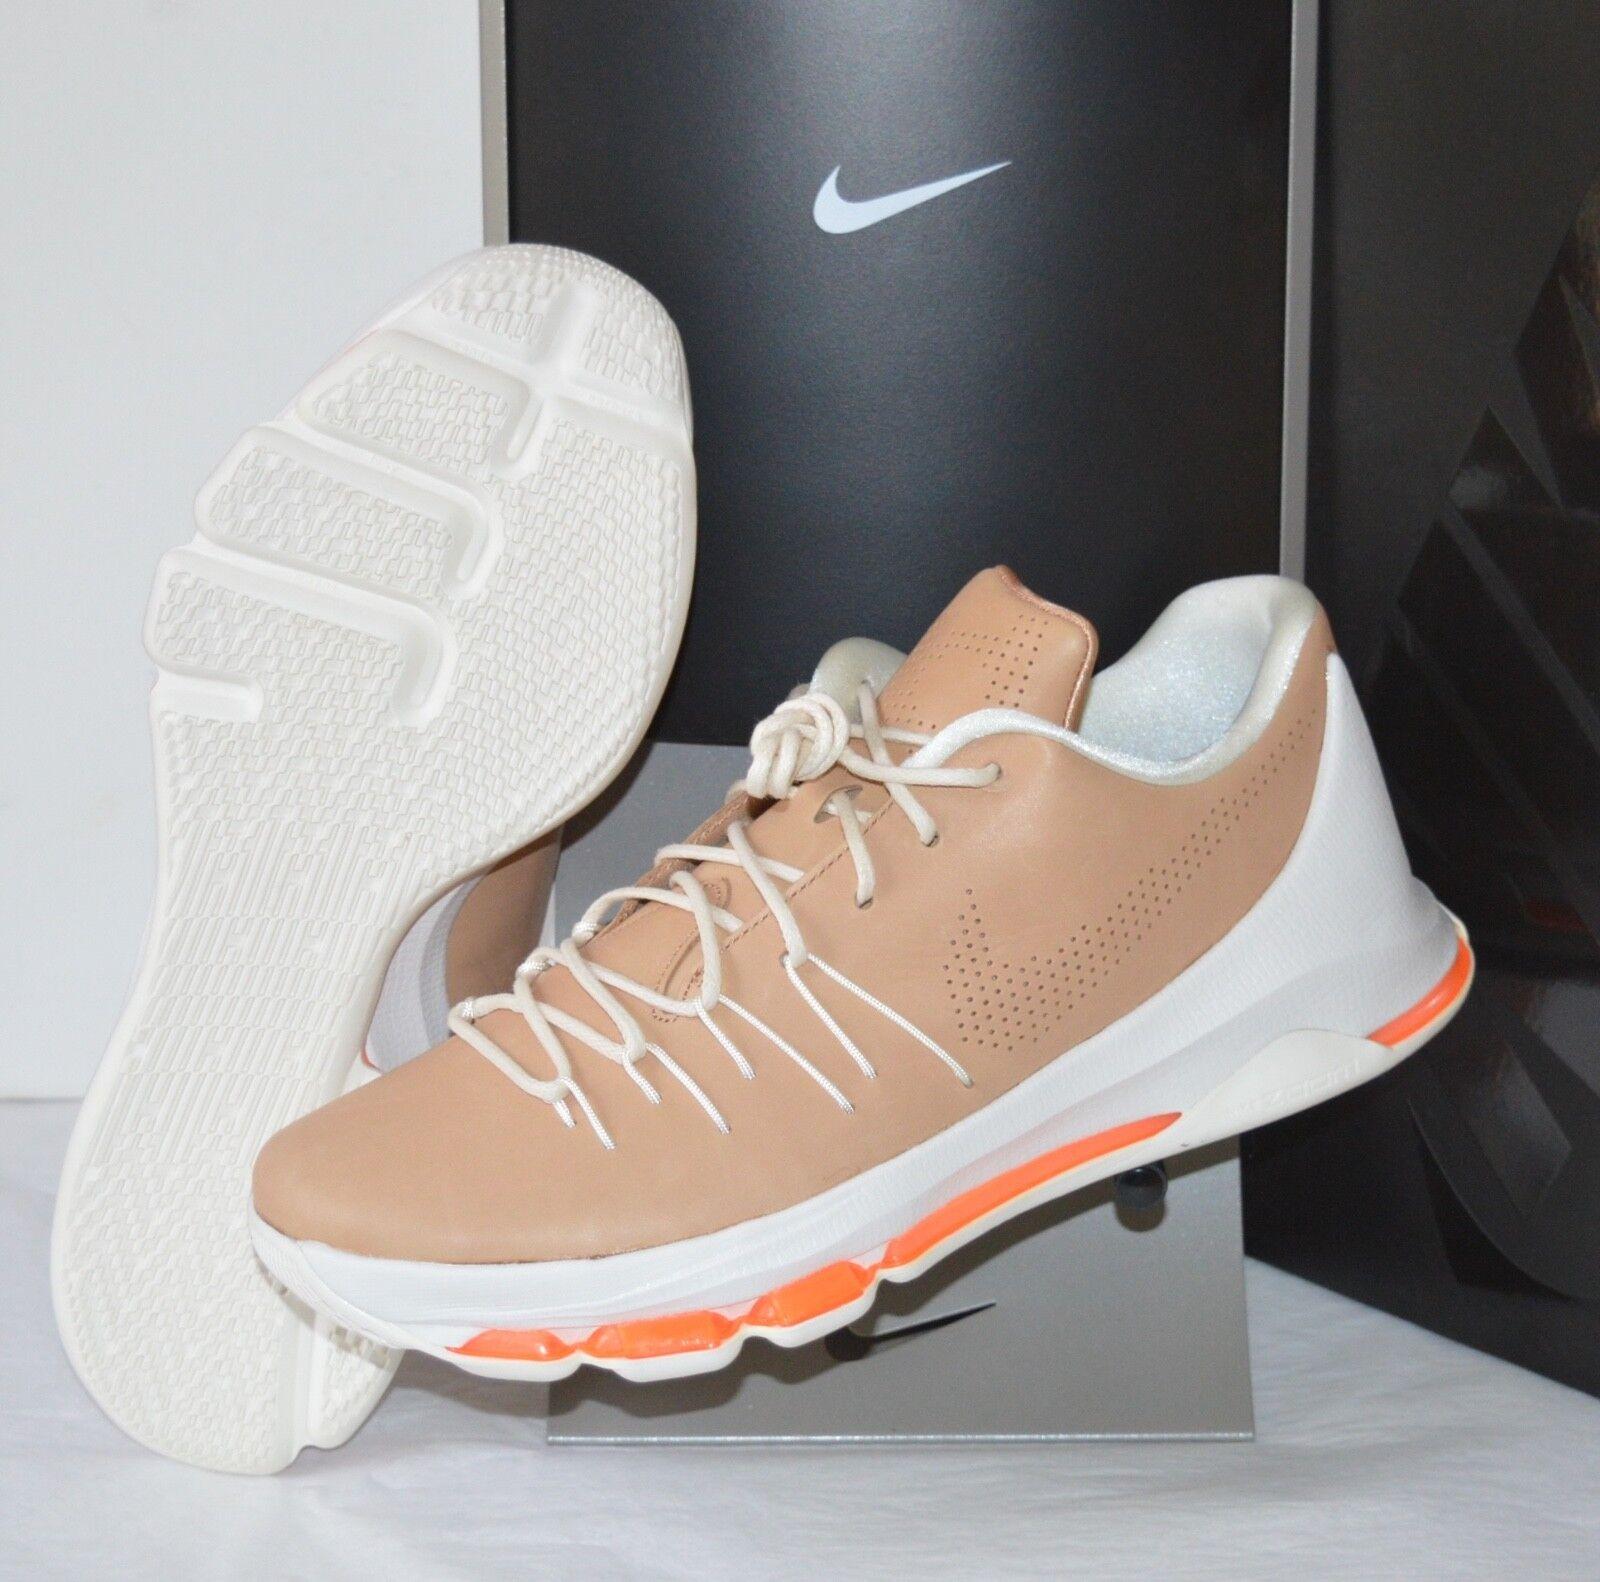 New  200 Nike KD 8 EXT Vachetta Tan Sail Total orange Kevin Durant sz 11.5 Zoom